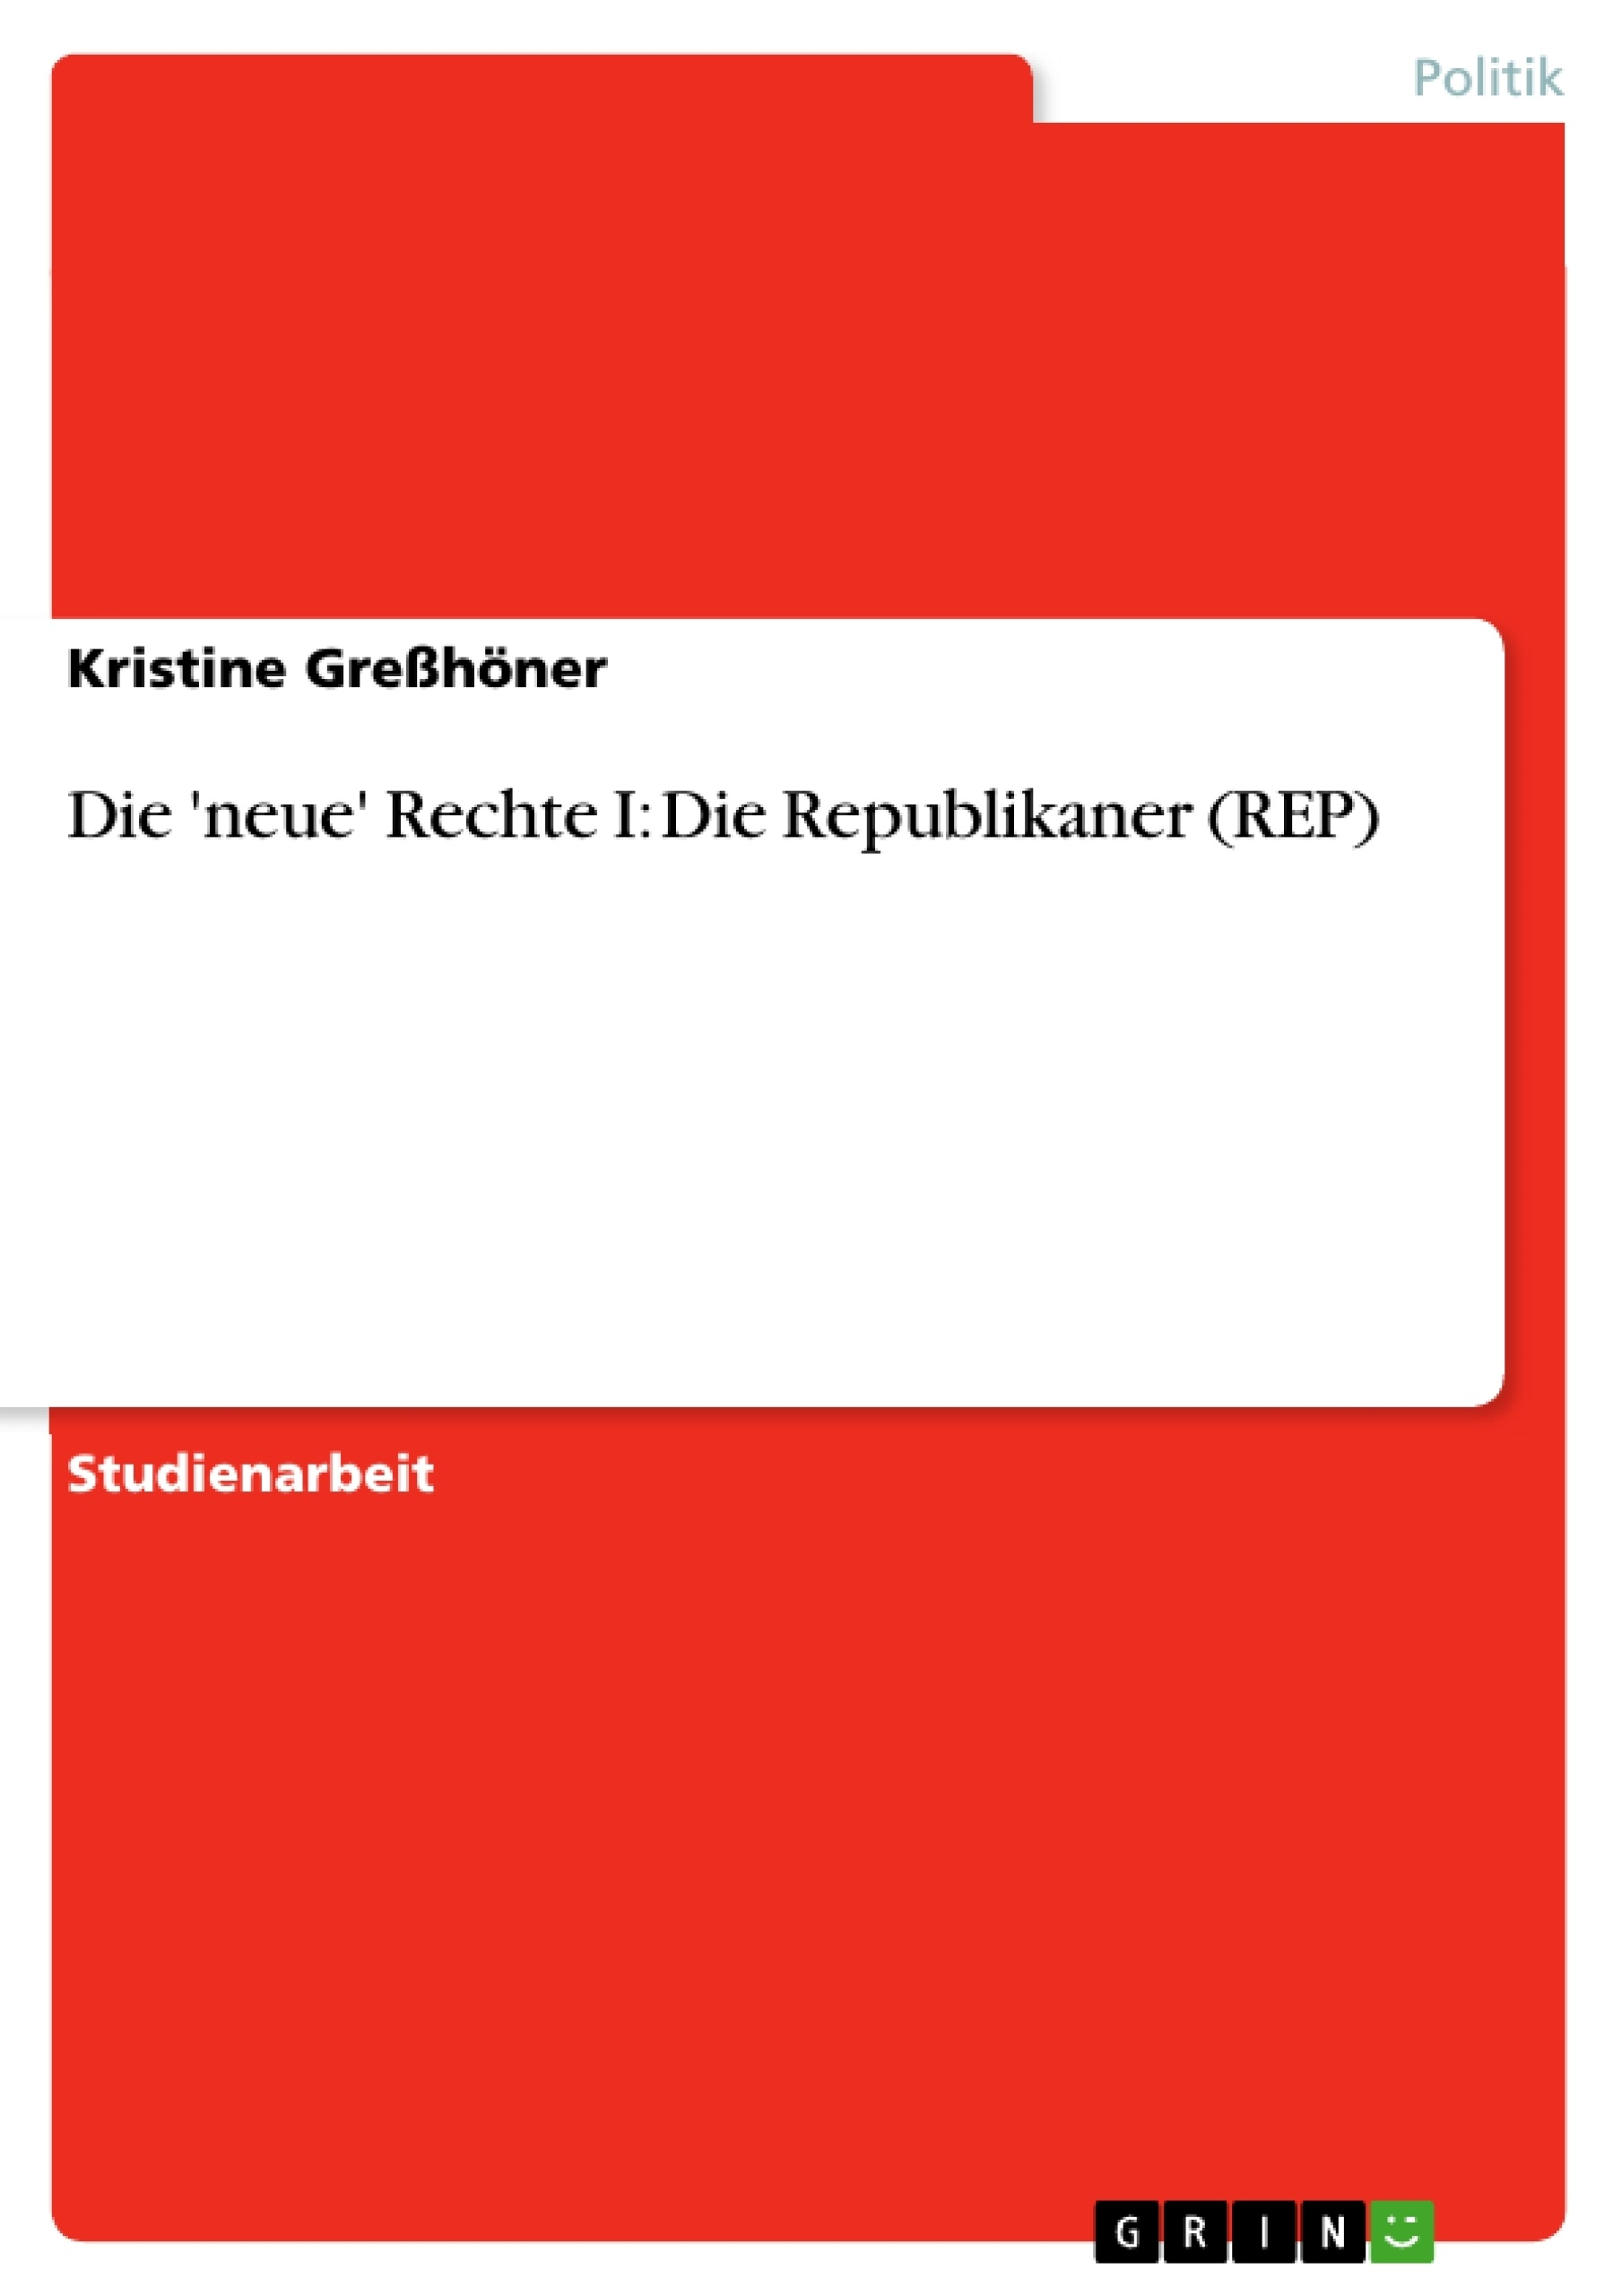 Titel: Die 'neue' Rechte I: Die Republikaner (REP)